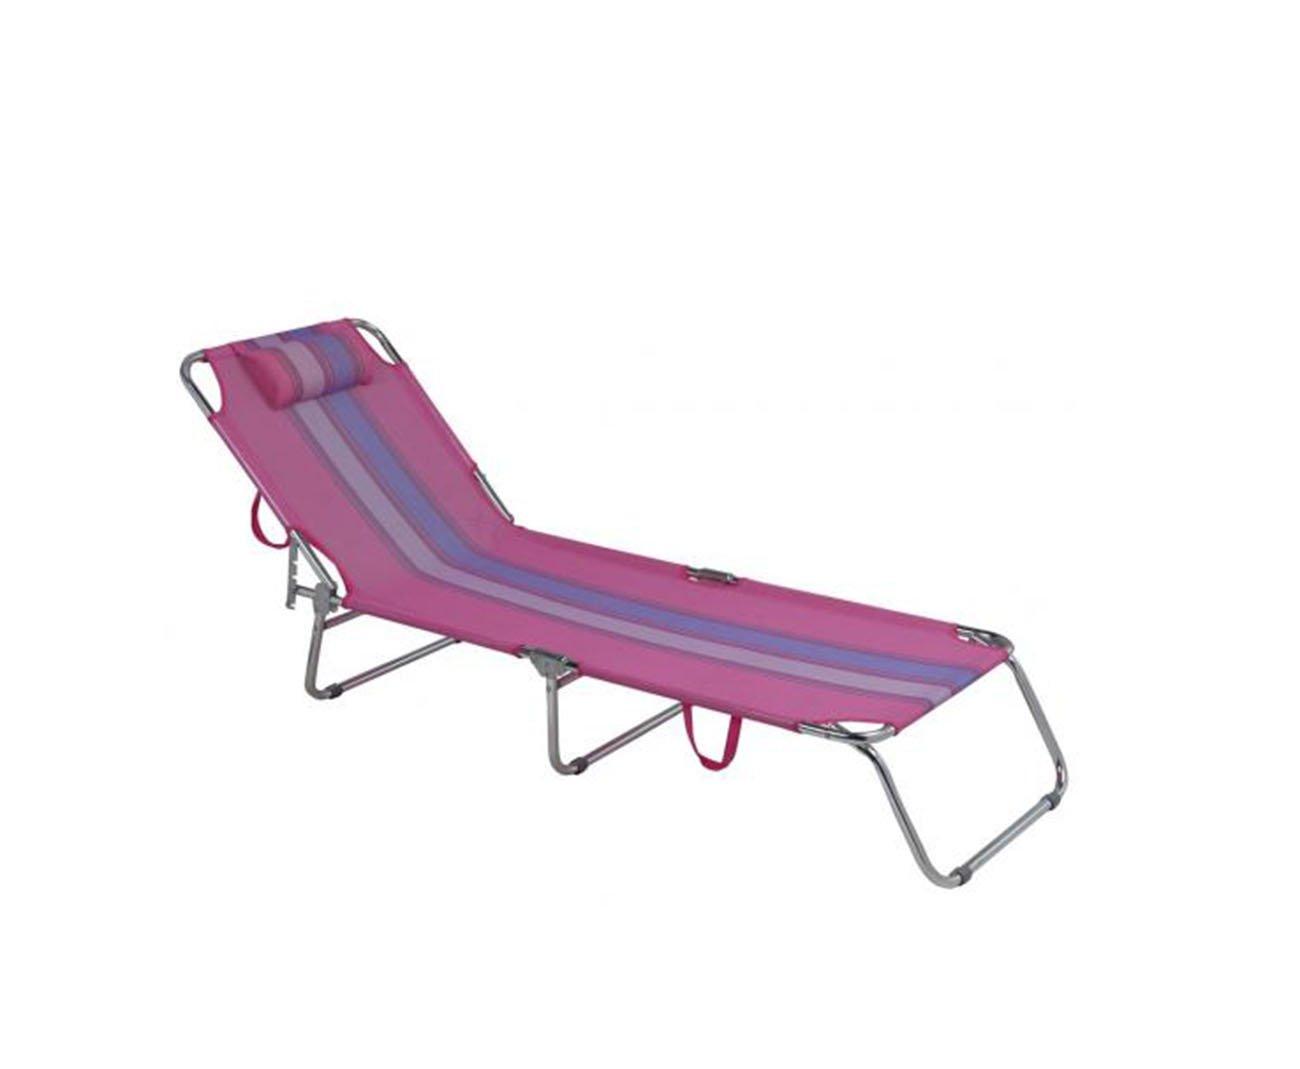 Cadeira Espreguiçadeira Em Alumínio Com Travesseiro Praia Piscina 4 Posições Rosa - Mor